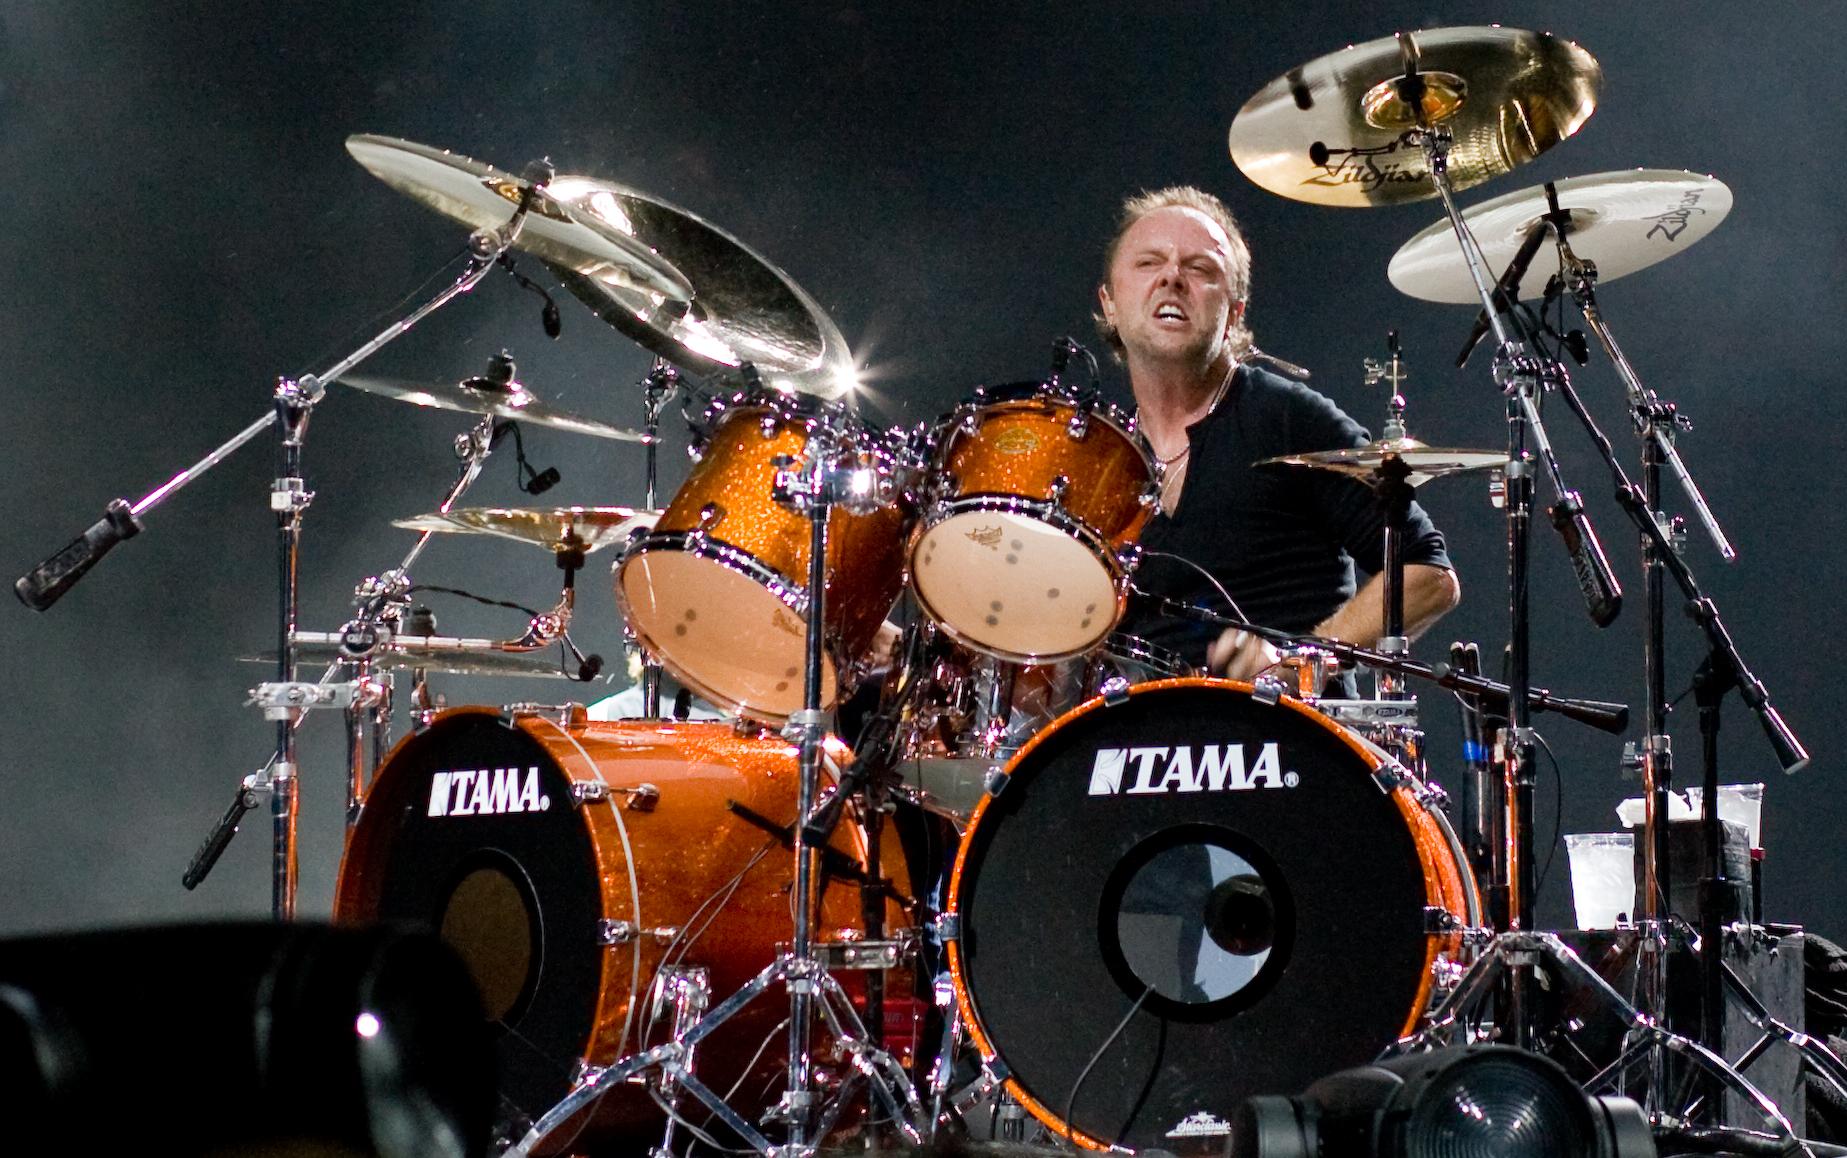 El batería de Metallica, Lars Ulrich.